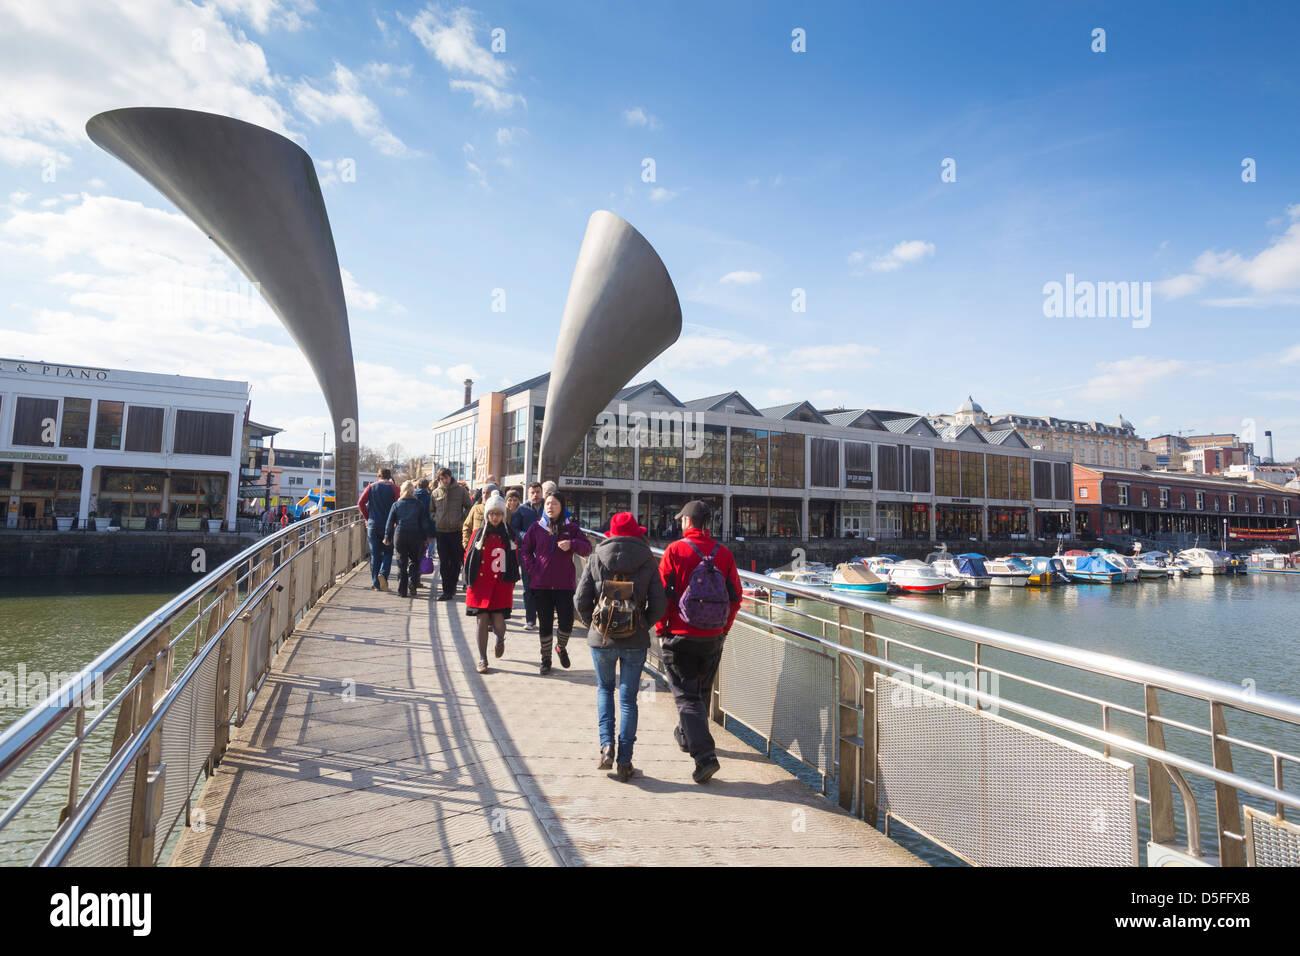 Pero's Bridge spanning Bristol Harbour in Bristol, UK. - Stock Image